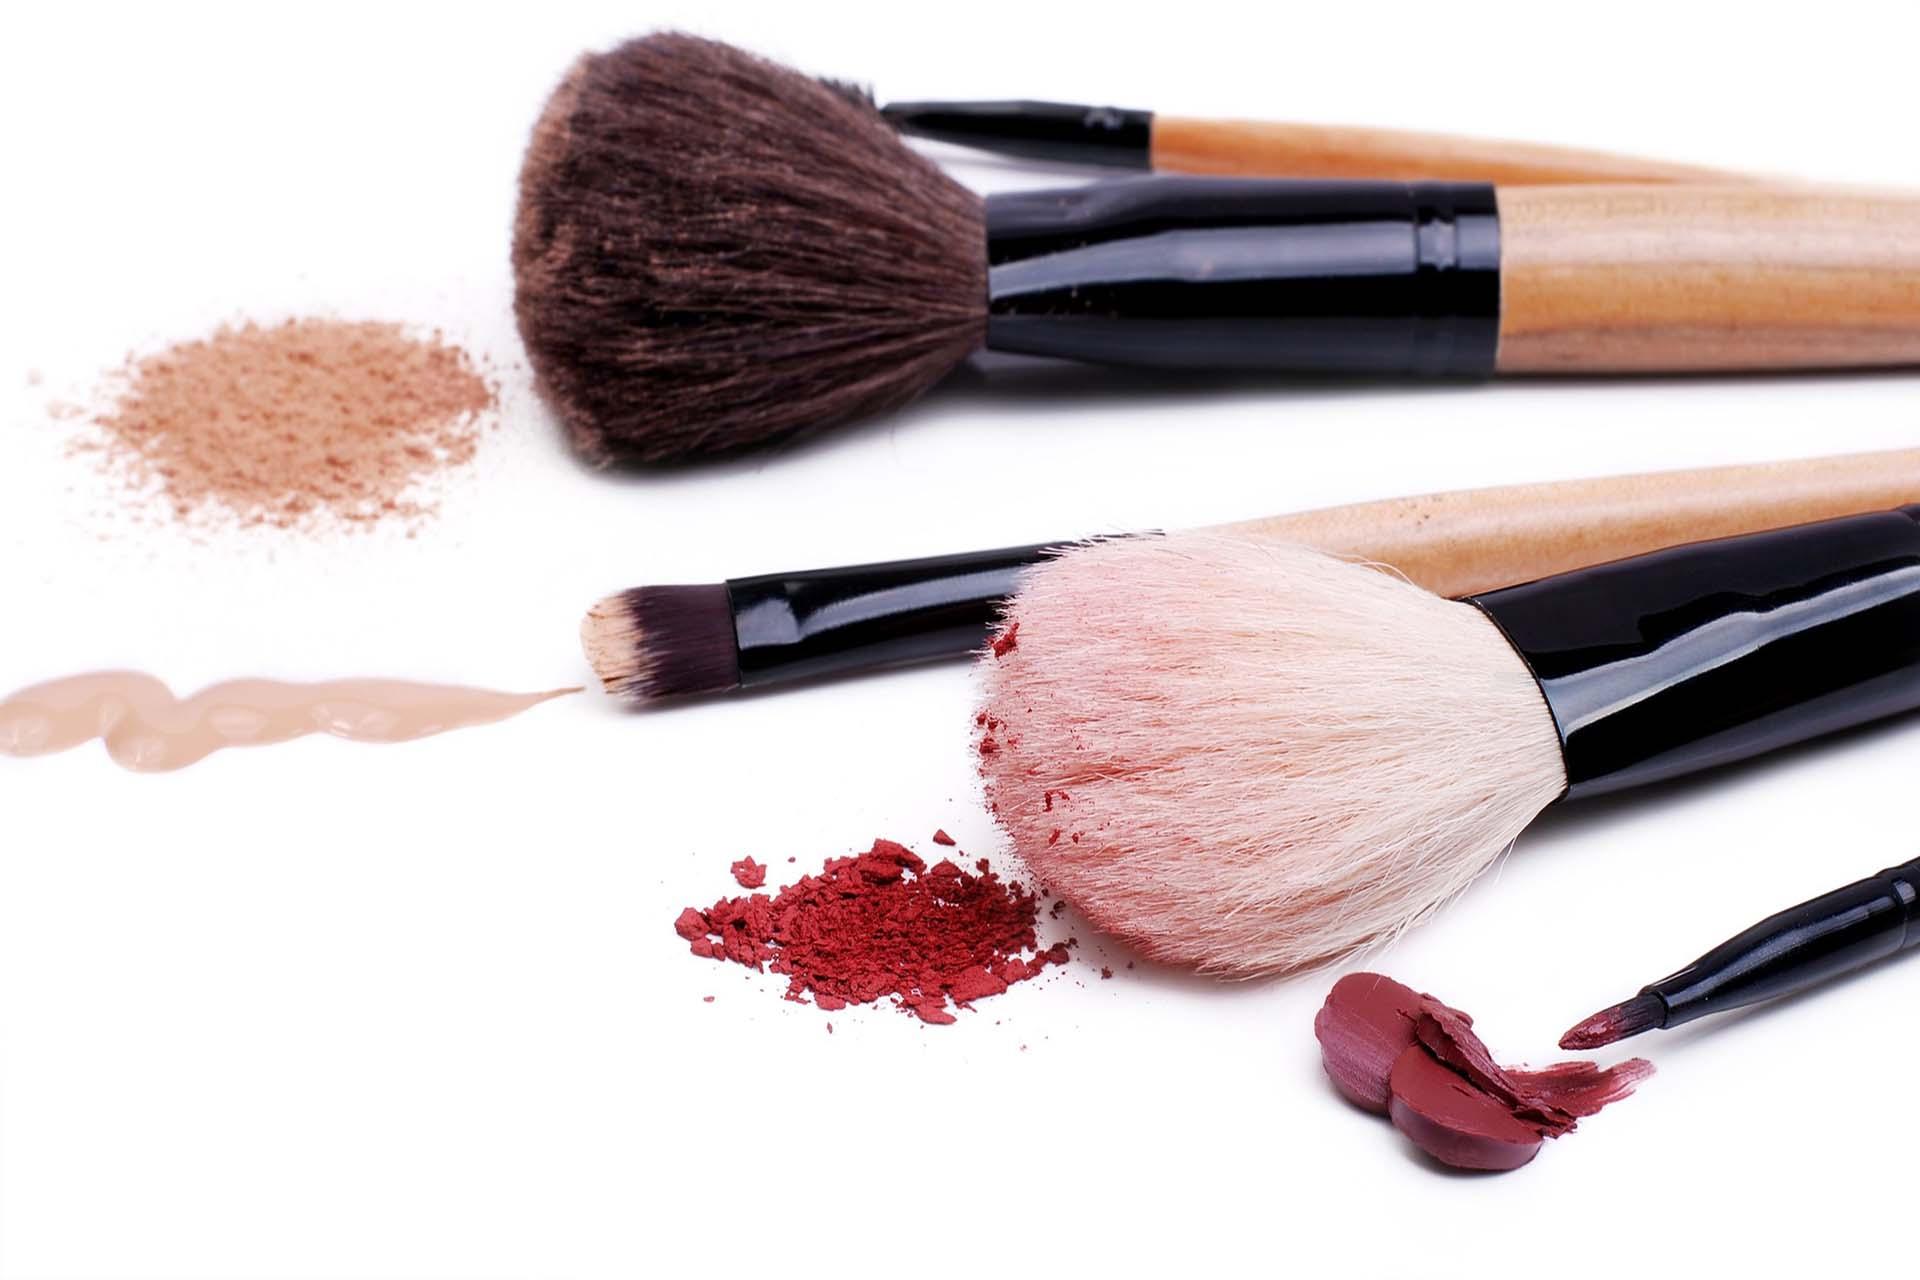 Beauty & Make Up Martina Lizzani Beauty Image Lab MakeUp Artist Roma Slide 01